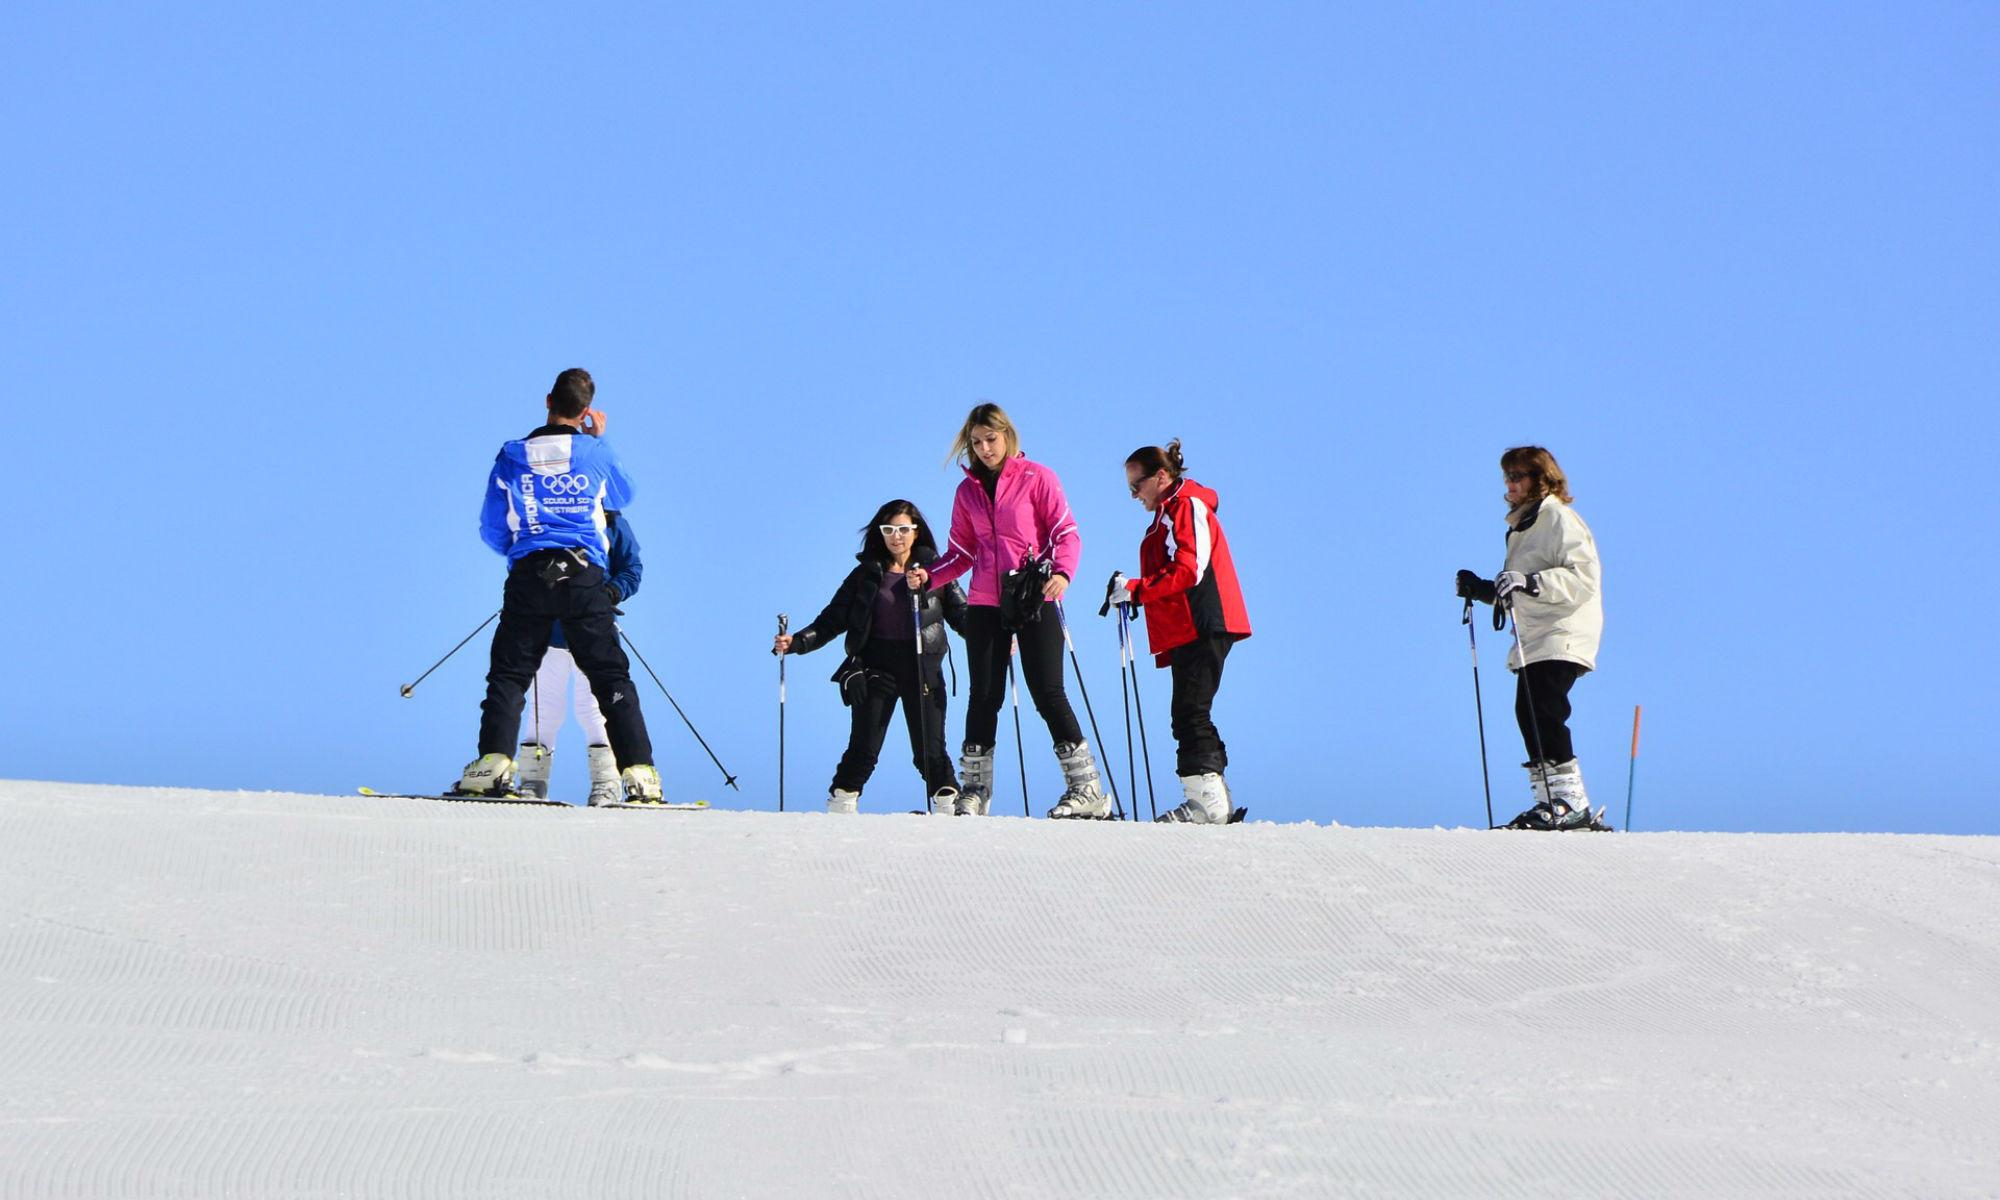 Degli sciatori si preparano a scendere una pista a Sestriere.